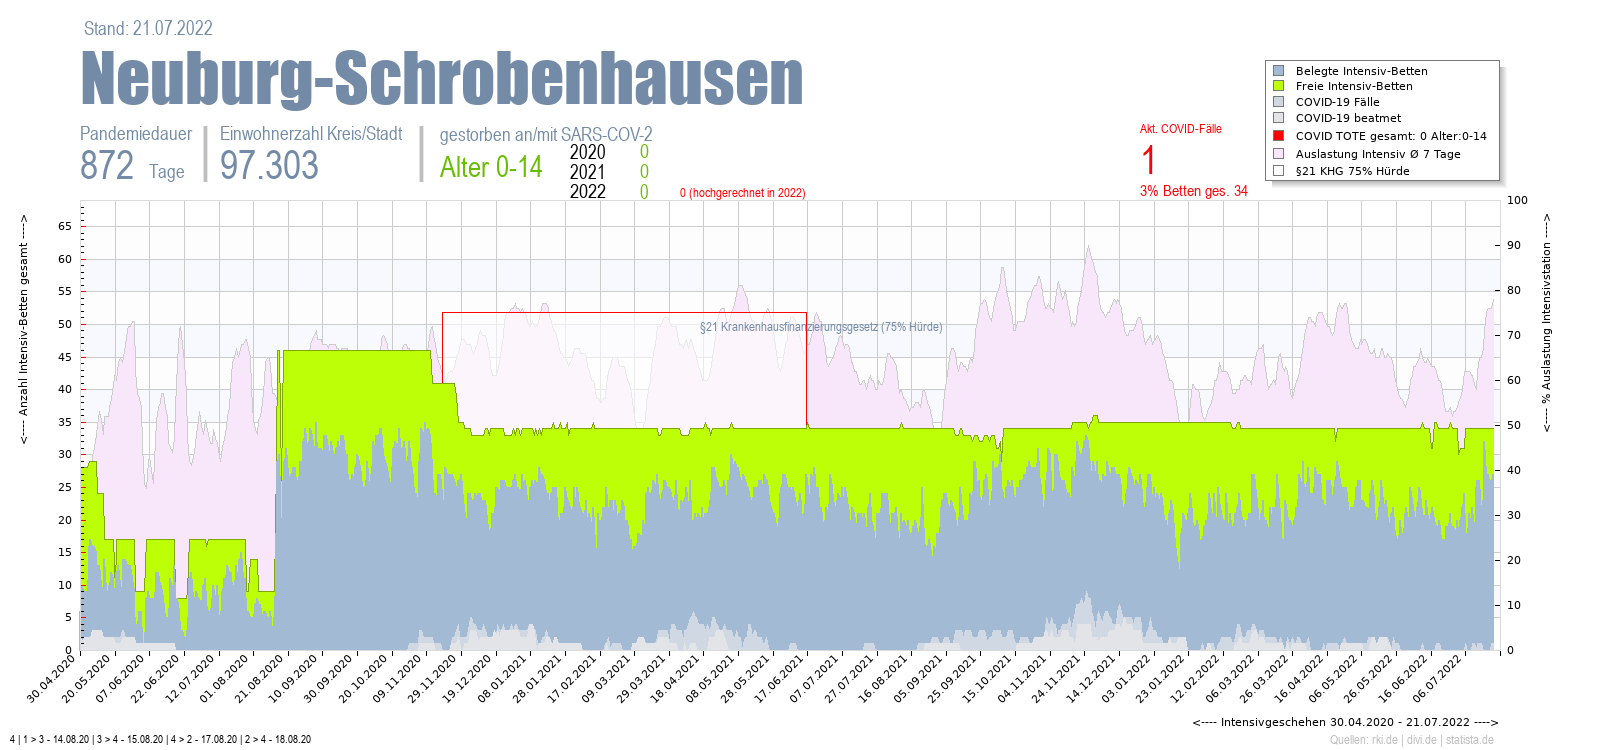 Intensivstation Auslastung Neuburg-Schrobenhausen Alter 0-4